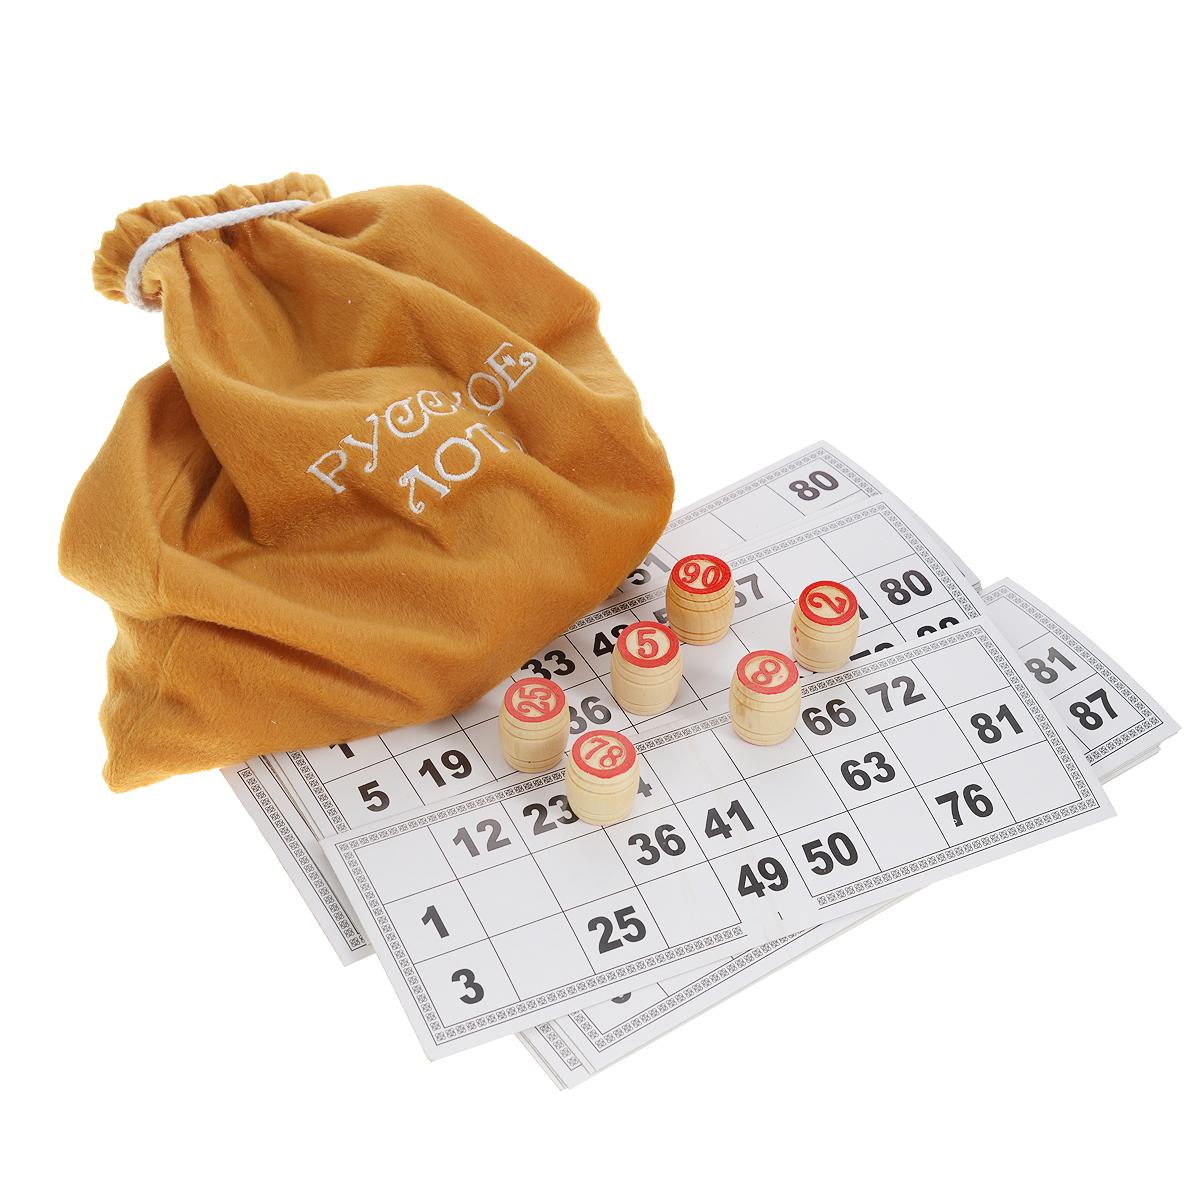 Игра настольная Русские Подарки Русское лото, размер: 26*9*12 см. 4232342323Игра настольная Русские Подарки Русское лото - это всеми любимая настольная игра для детей и взрослых. Она развивает логическое мышление, внимание и учит наблюдательности. Бочонки с цифрами сделаны из высококачественного дерева. За игрой можно провести увлекательный вечер в кругу семьи или компании друзей. Благодаря оригинальной коробке для хранения с выдвижной крышкой лото станет еще и отличным подарком. Количество игроков: 3-25. В наборе: деревянные бочонки, текстильный чехол, карточки, коробка для хранения.